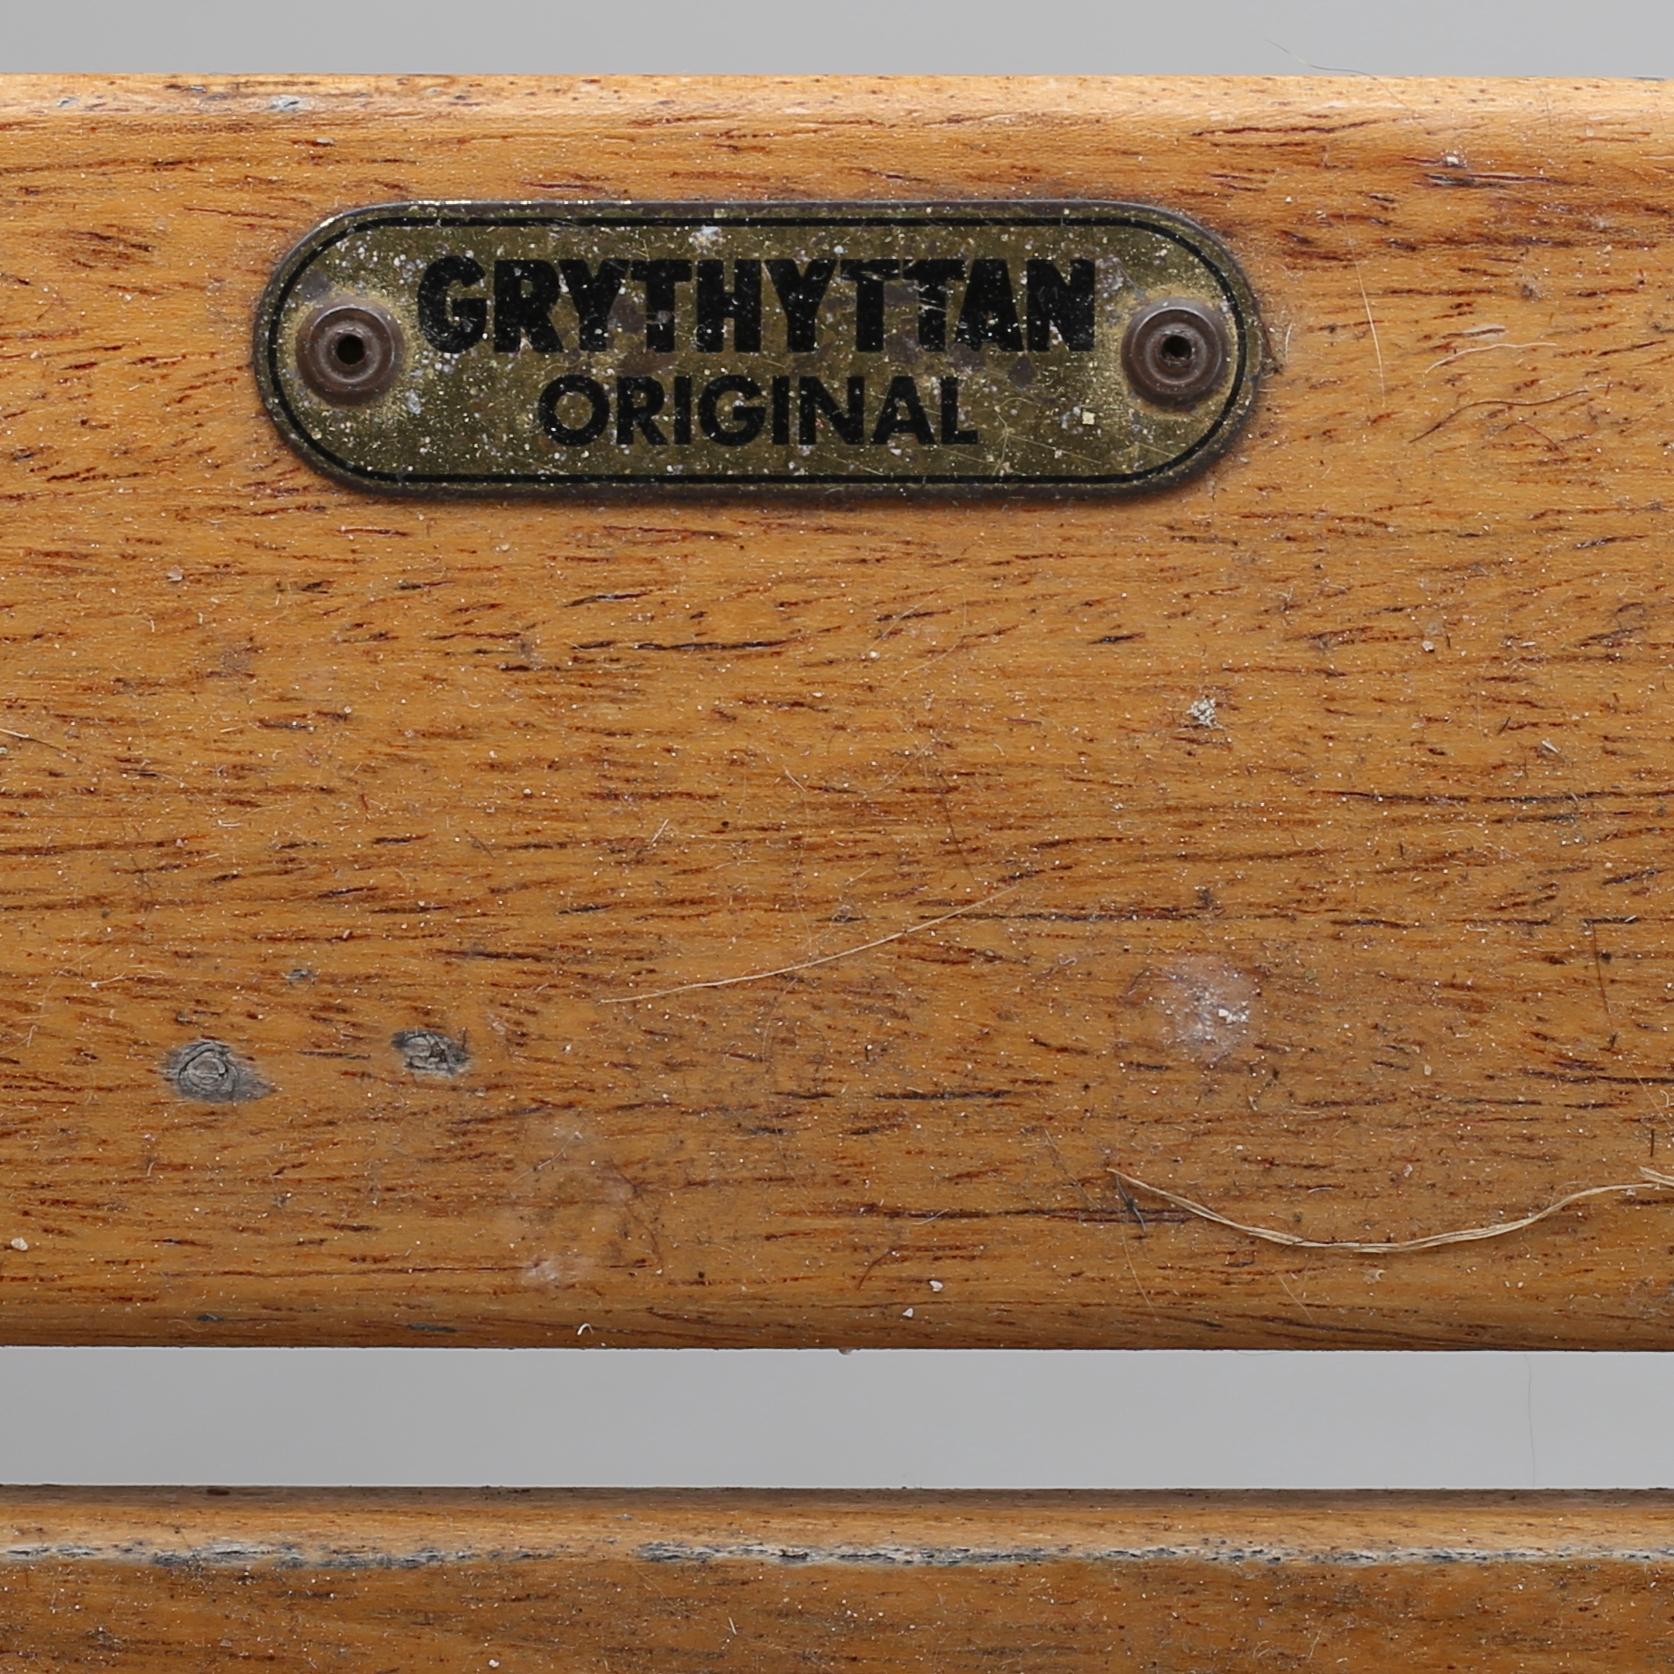 TRÄDGÅRDSMÖBEL, 5 delar, Grythyttan Original, 19002000 tal